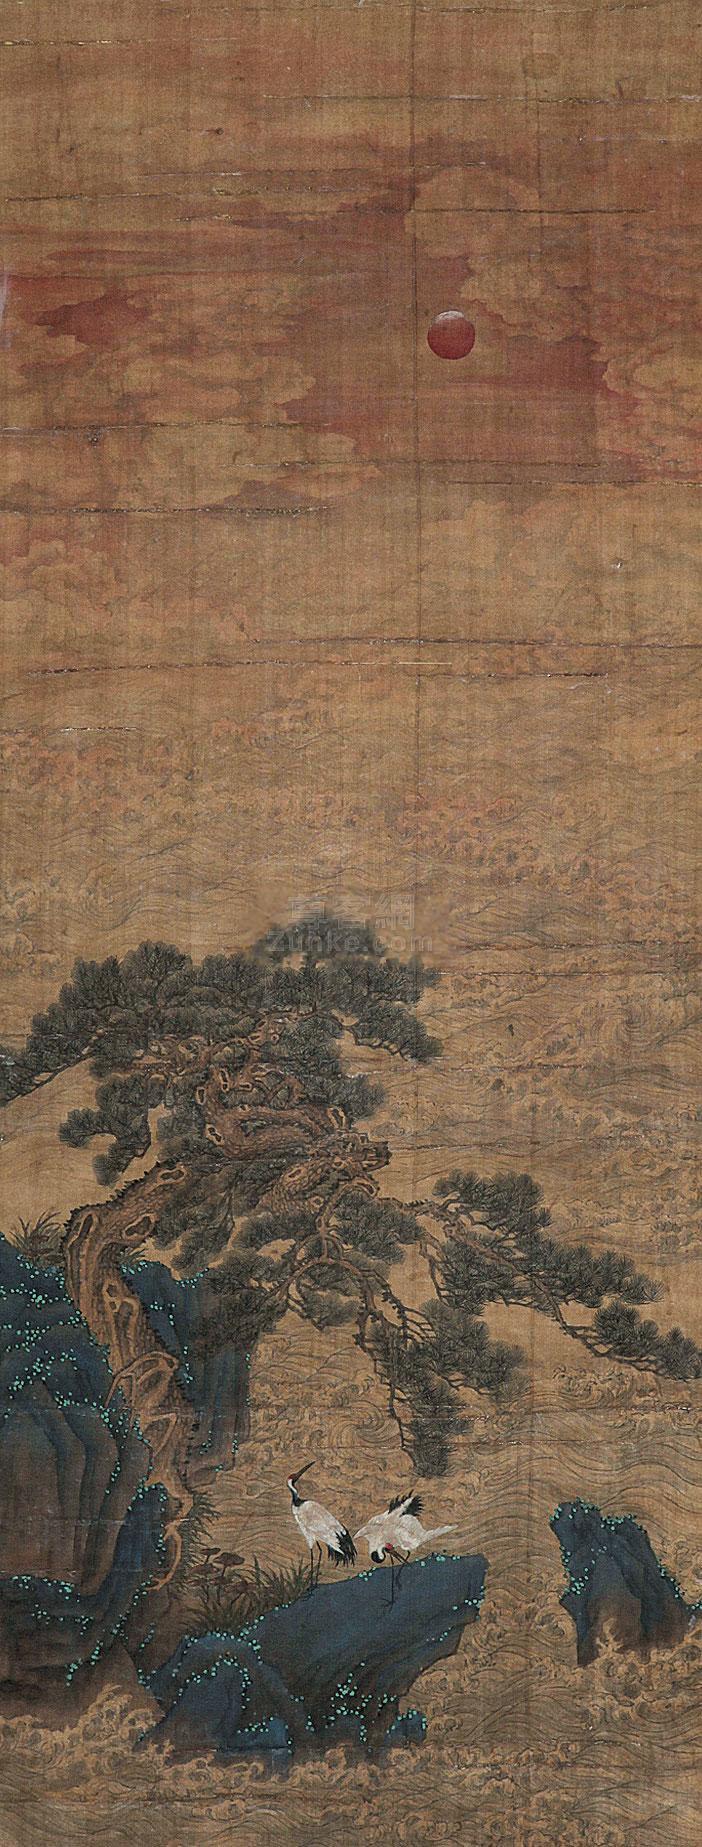 佚名 松鹤双寿 立轴 绢本作品欣赏